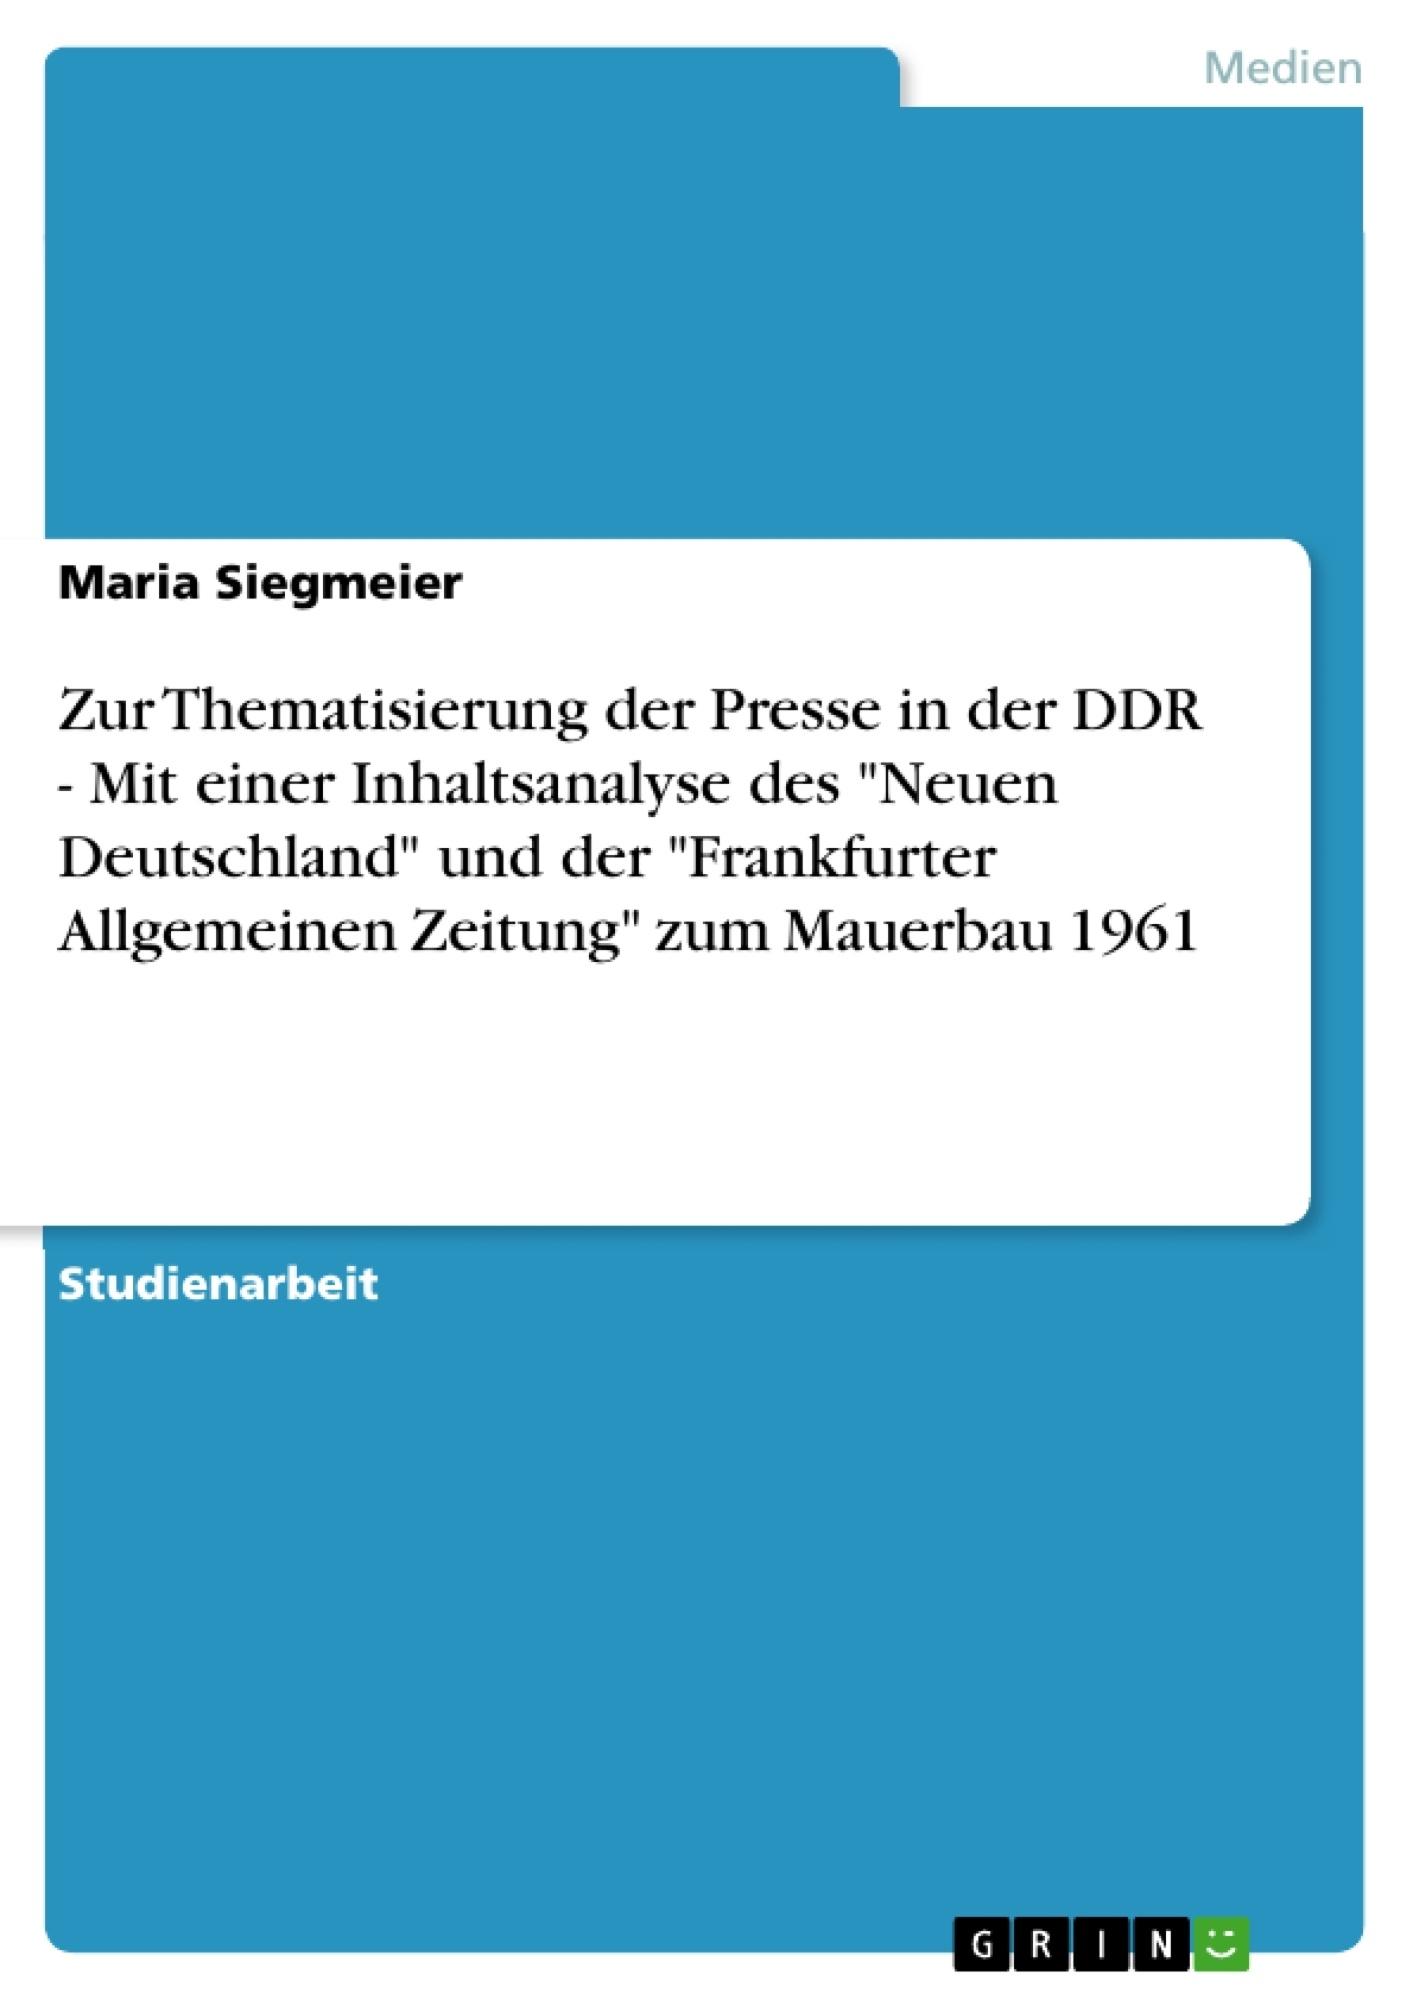 """Titel: Zur Thematisierung der Presse in der DDR - Mit einer Inhaltsanalyse des """"Neuen Deutschland"""" und der """"Frankfurter Allgemeinen Zeitung"""" zum Mauerbau 1961"""